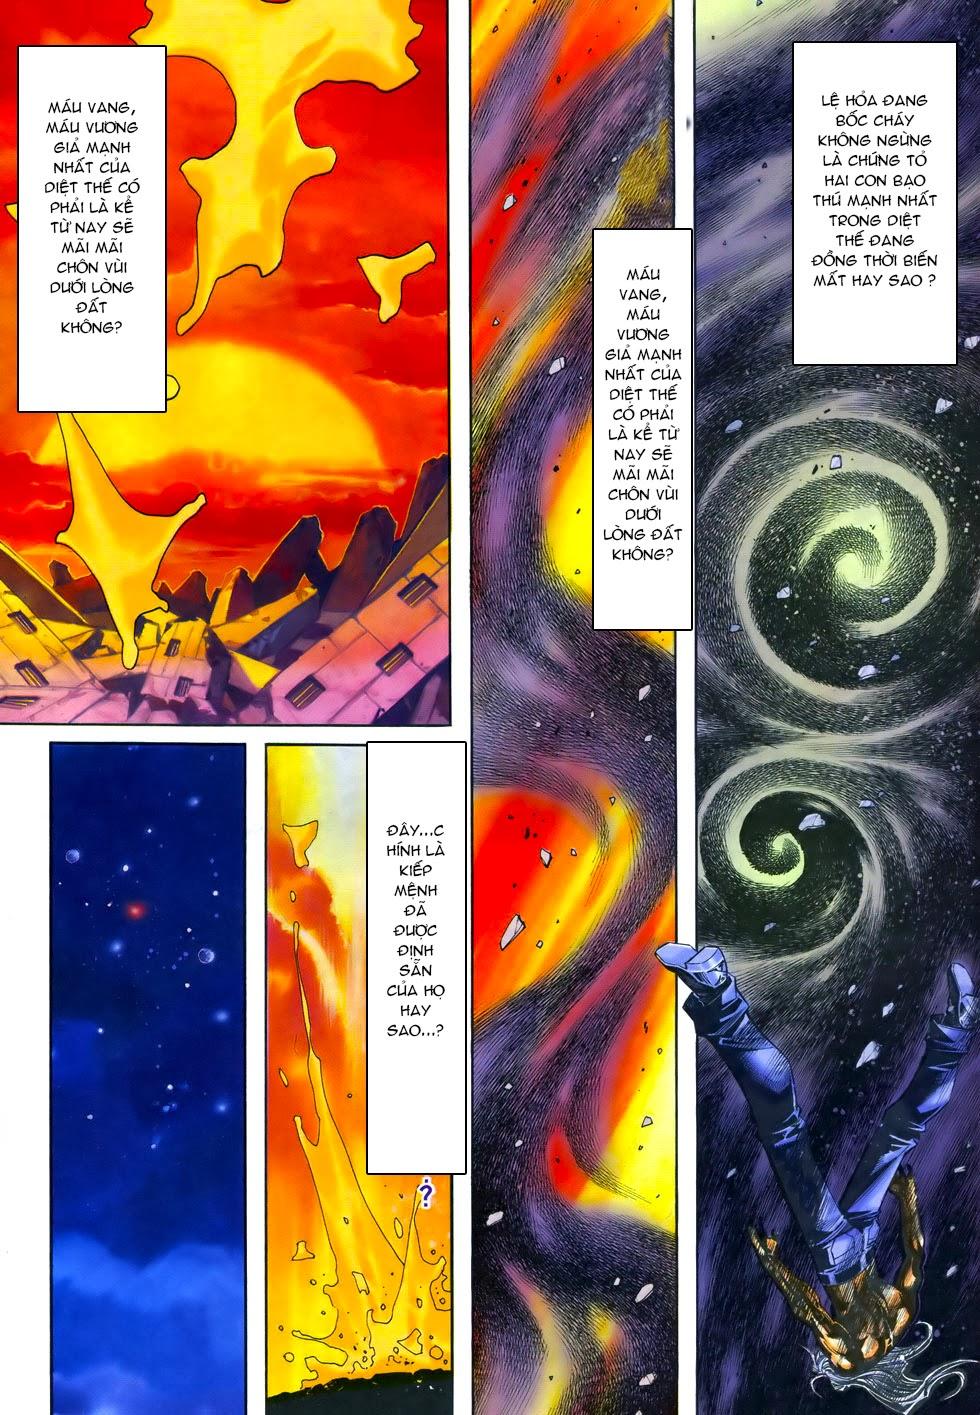 X Bạo Tộc chap 69 - Trang 25